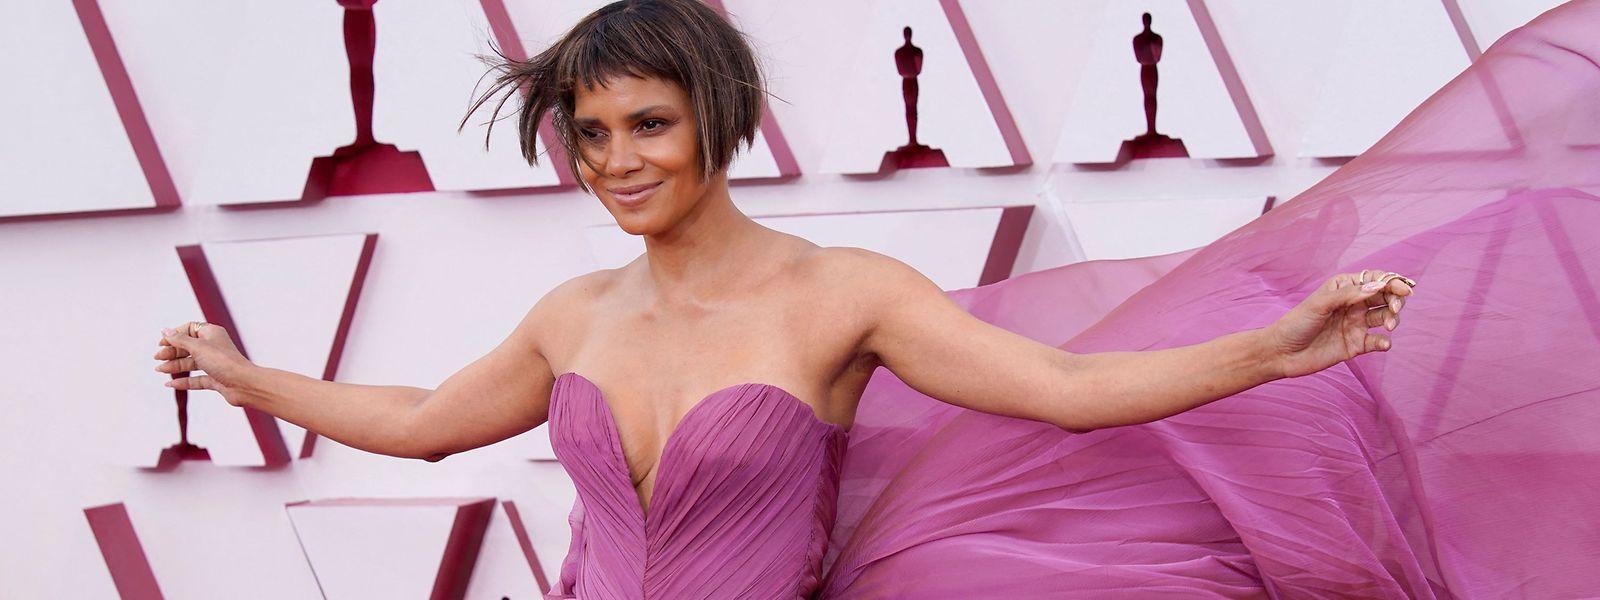 Fliegt sie mit diesem Look allen davon? Halle Berry setzte auf dem Red Carpet ihr Kleid in Szene.